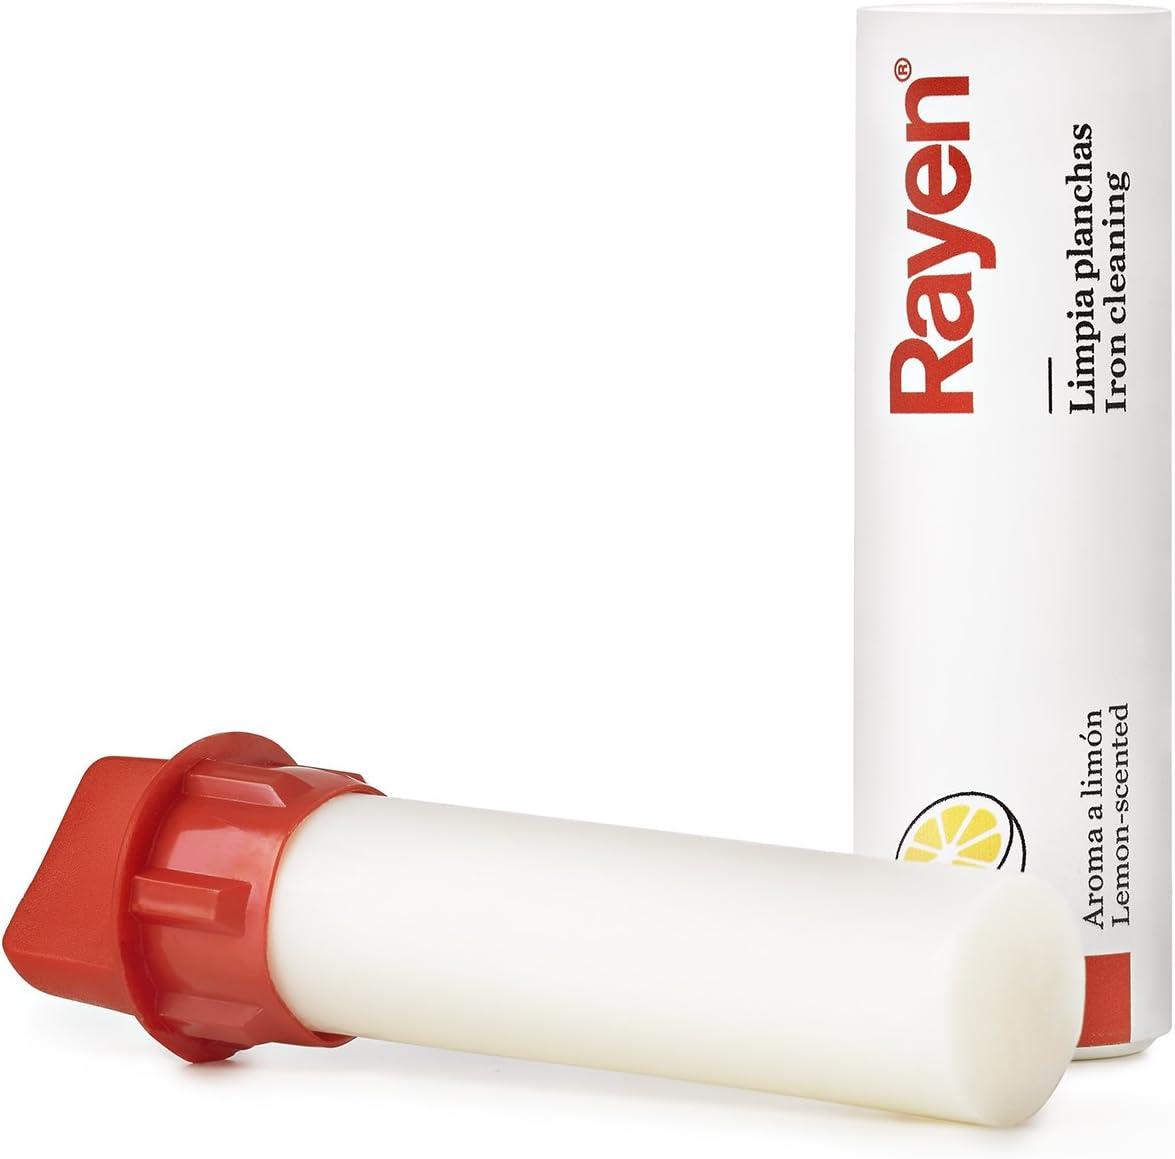 Rayen 6163.01-Limpia planchas, Cera, Transparente: Amazon.es: Belleza